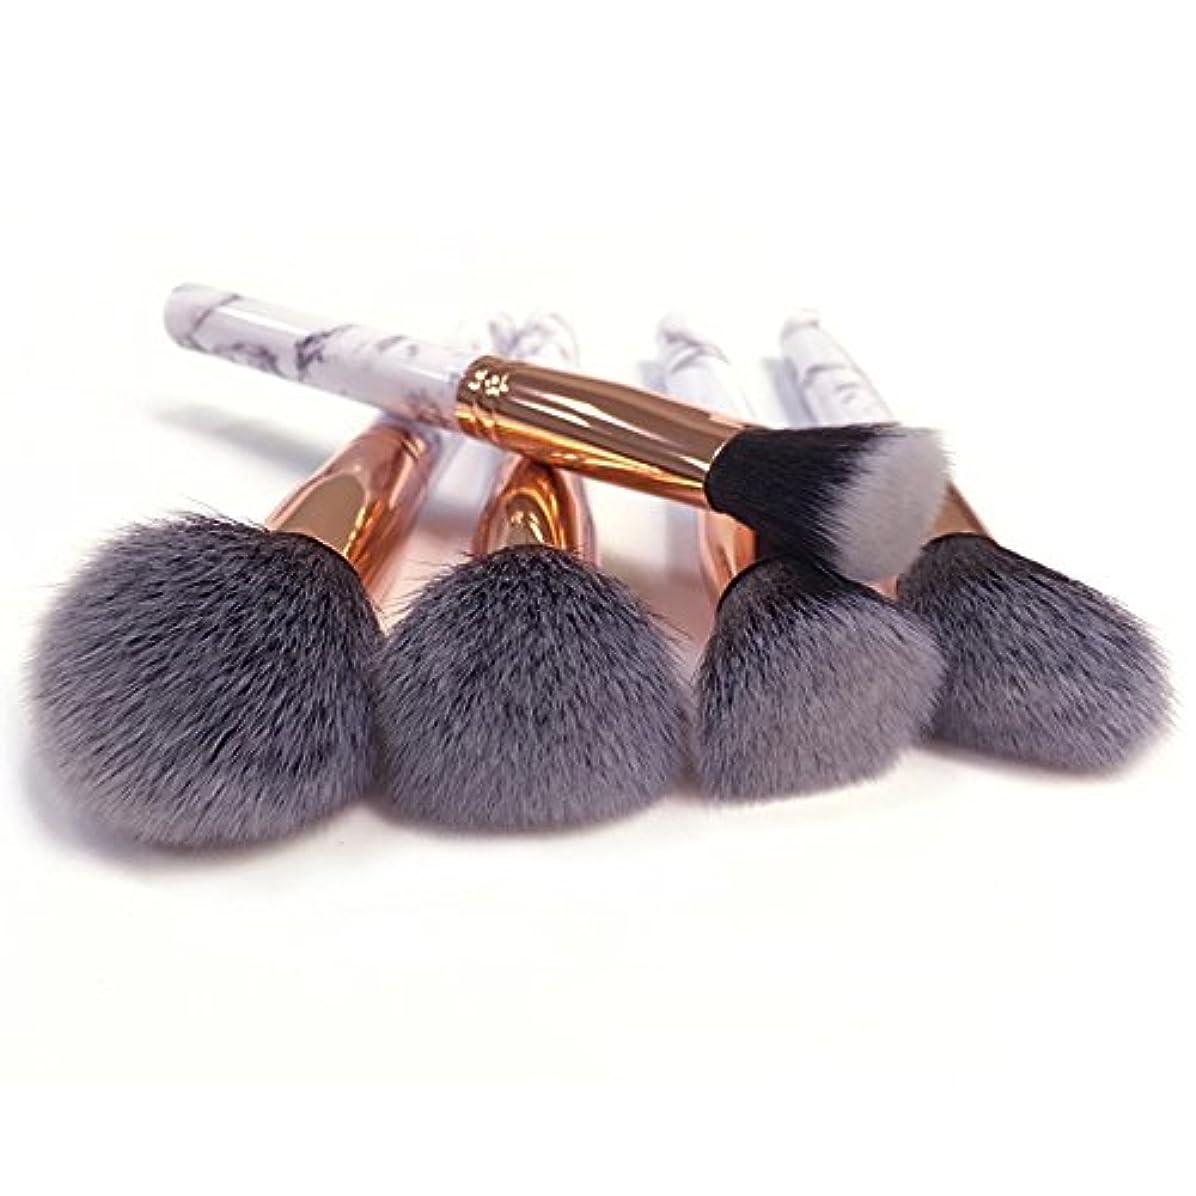 フリンジほかに哺乳類Akane 10本 大理石紋 超気質的 セート 多機能 柔らかい たっぷり 高級 優雅 綺麗 魅力 上等な使用感 激安 日常 仕事 おしゃれ Makeup Brush メイクアップブラシ